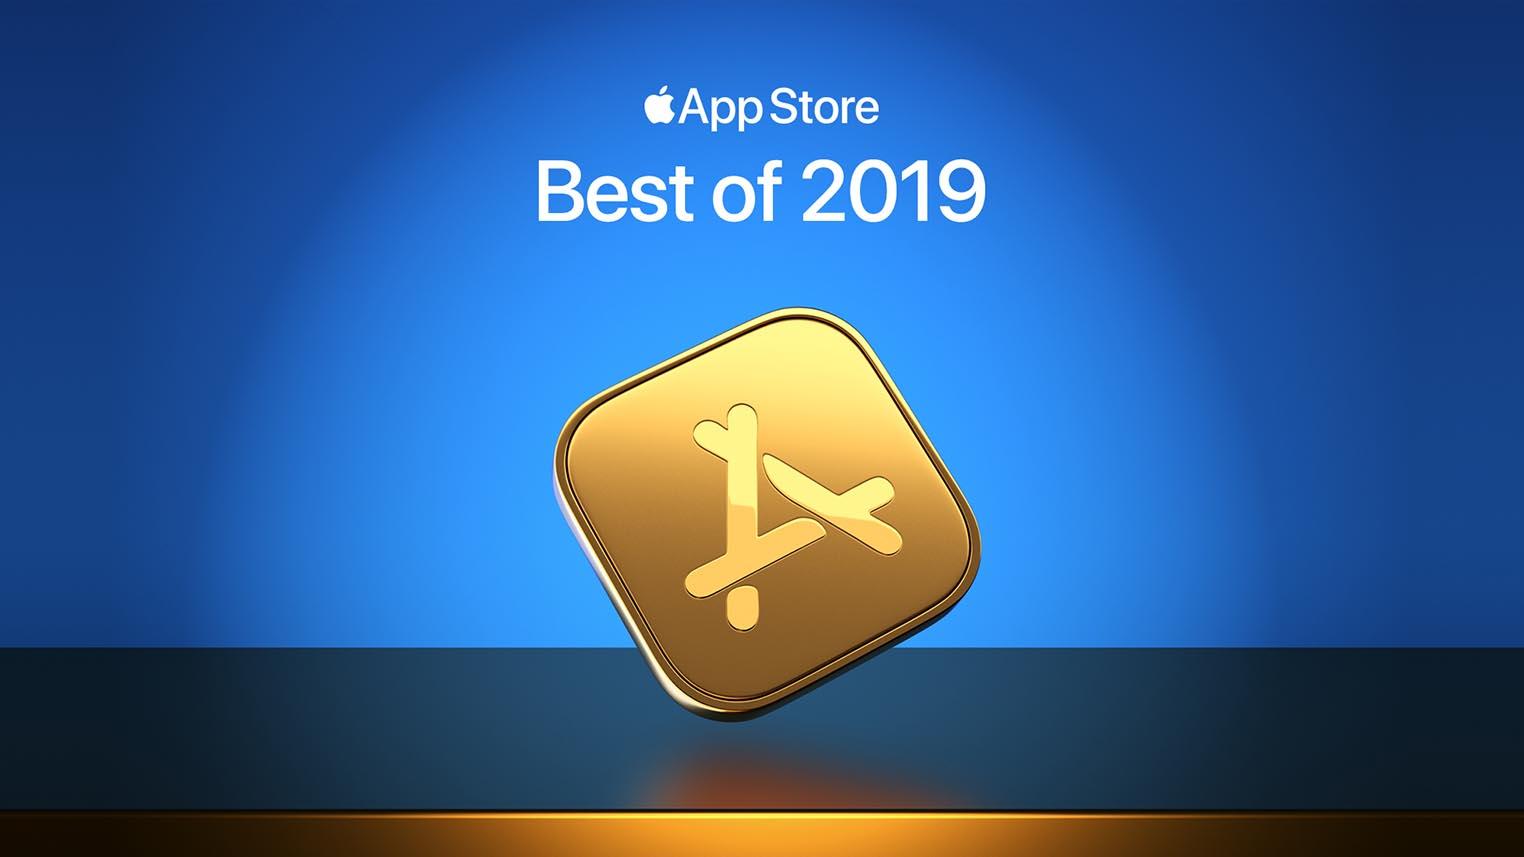 Applications de l'année 2019 App Store